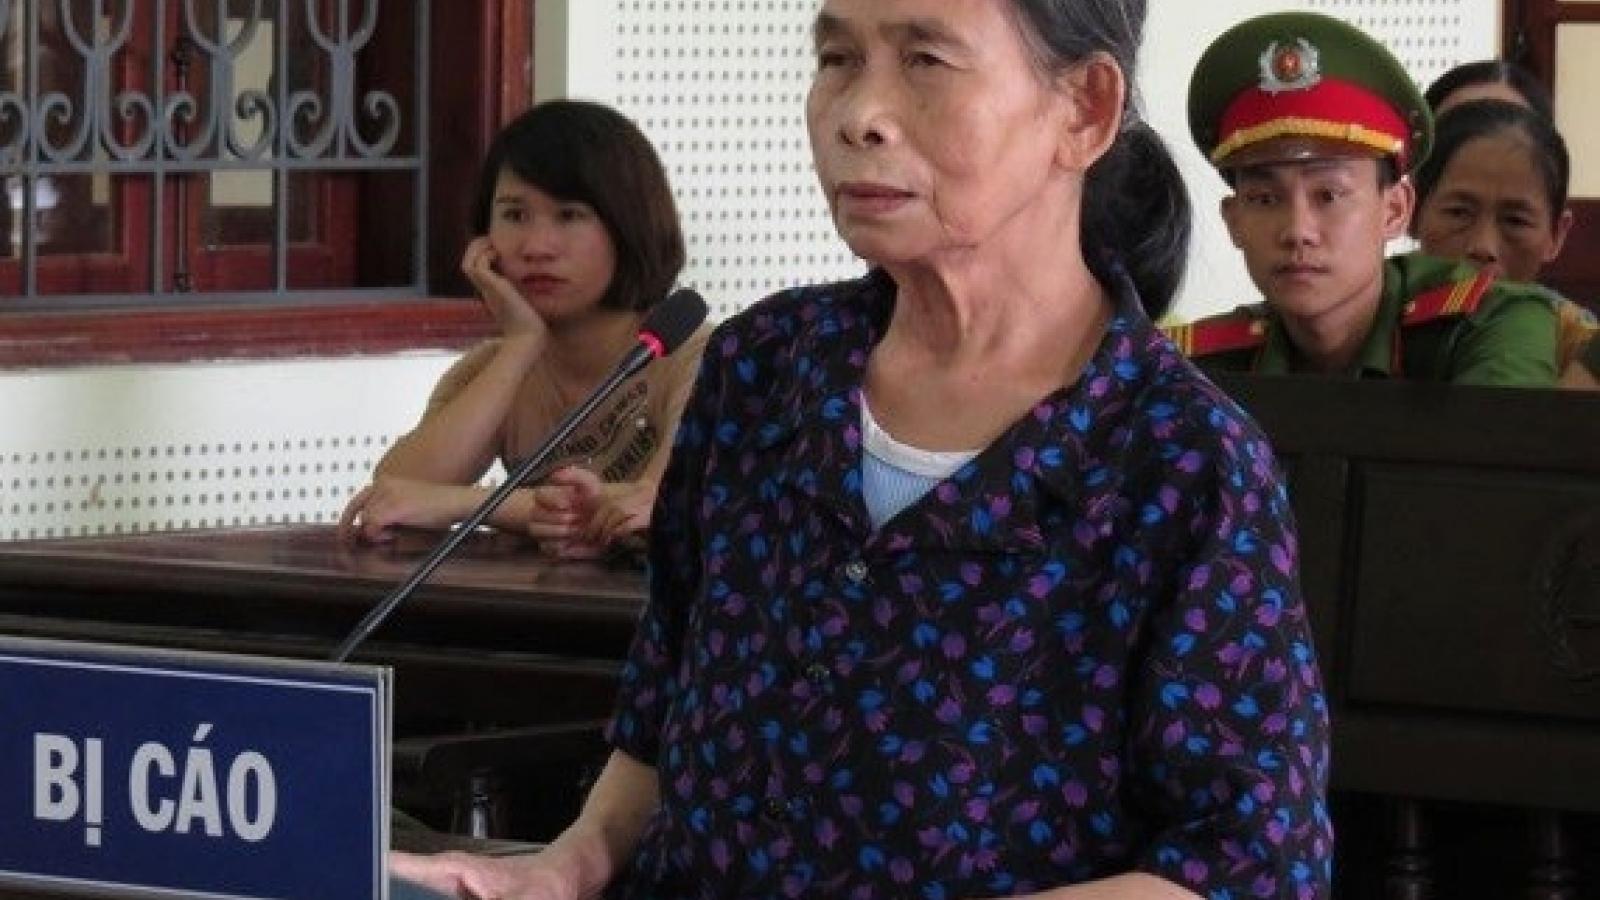 Phạt 12 năm tù với bà nội xô cháu xuống đập nước để sát hại